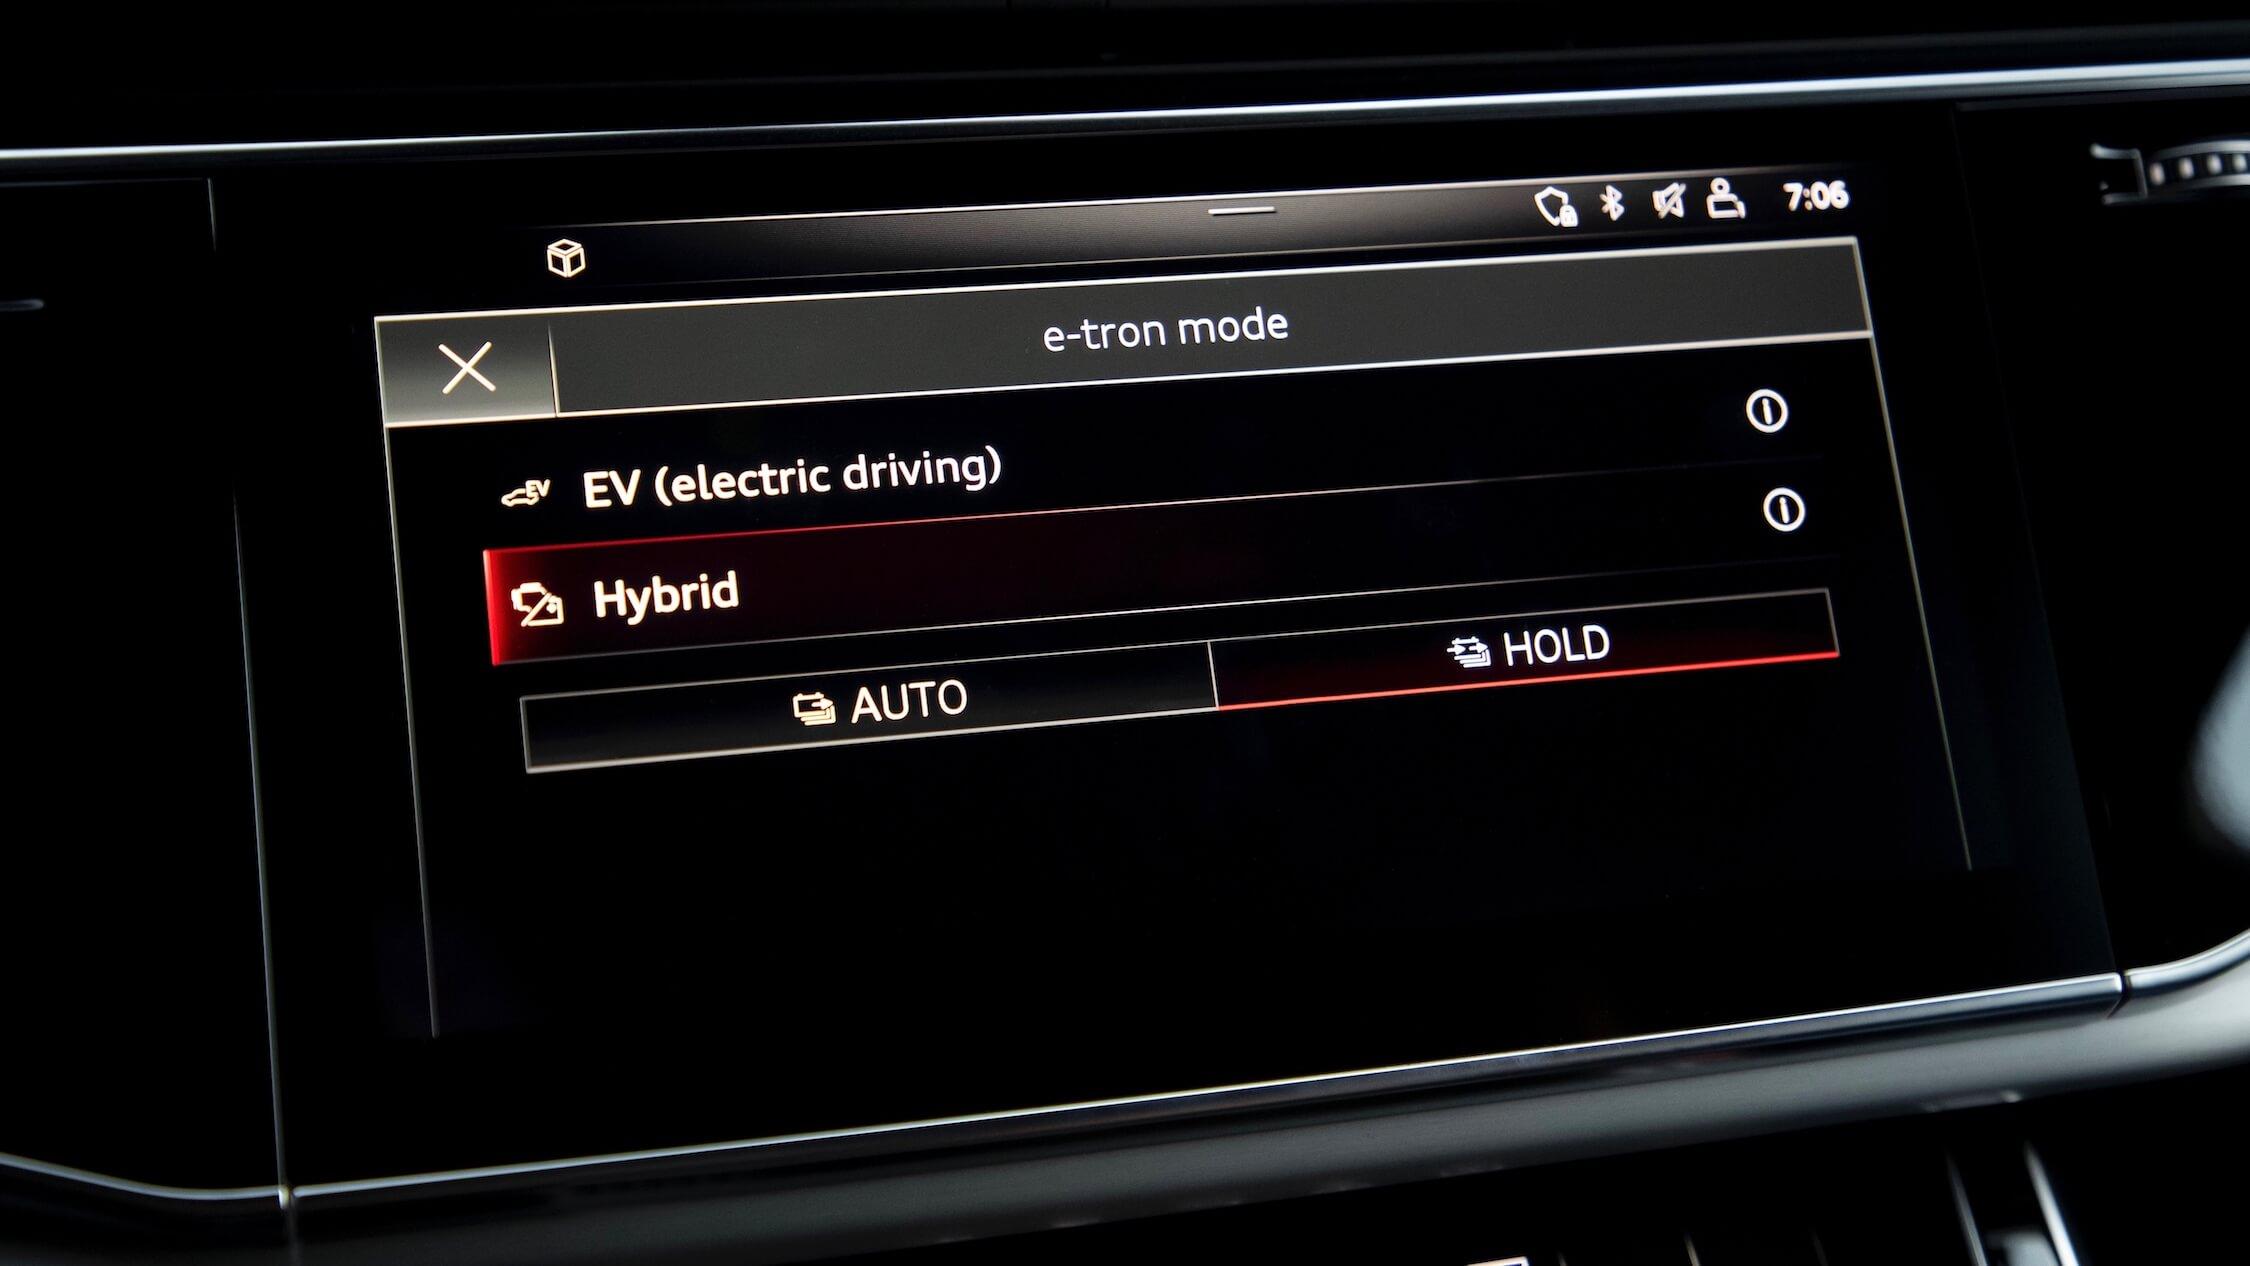 Audi Q7 hybride infotainment scherm